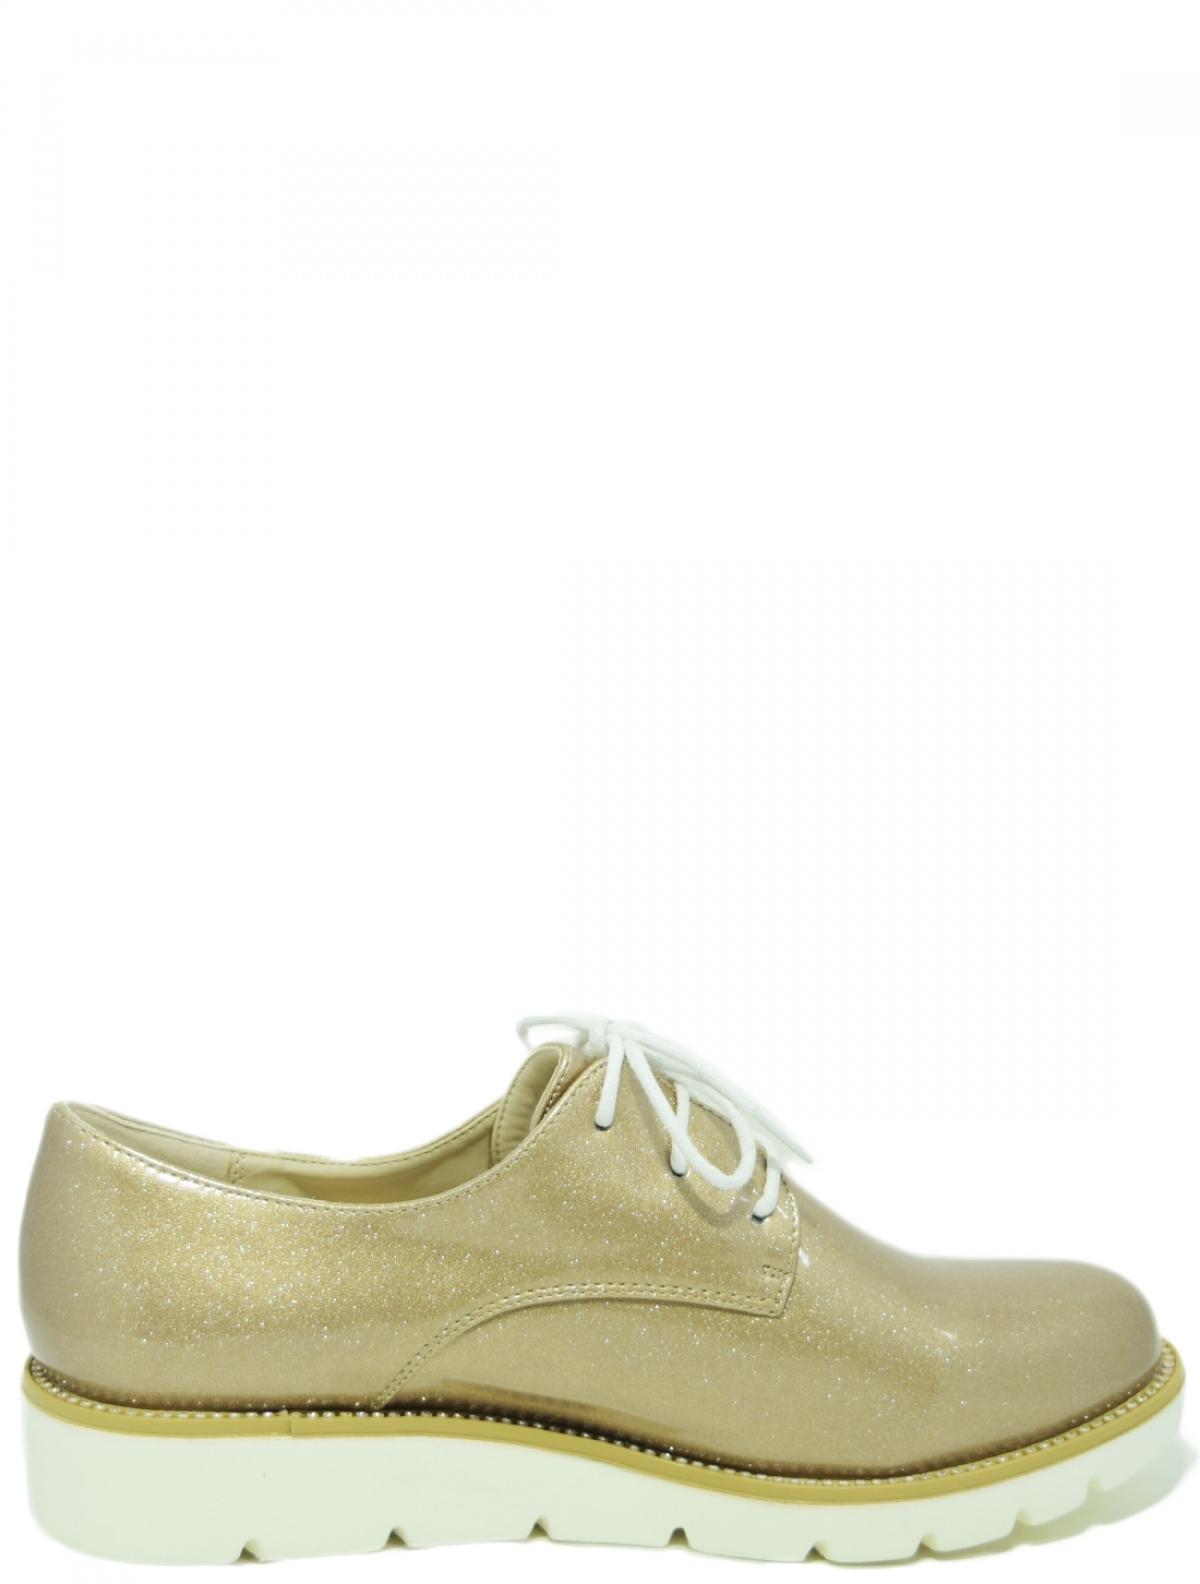 Admlis K2761-7 женские туфли